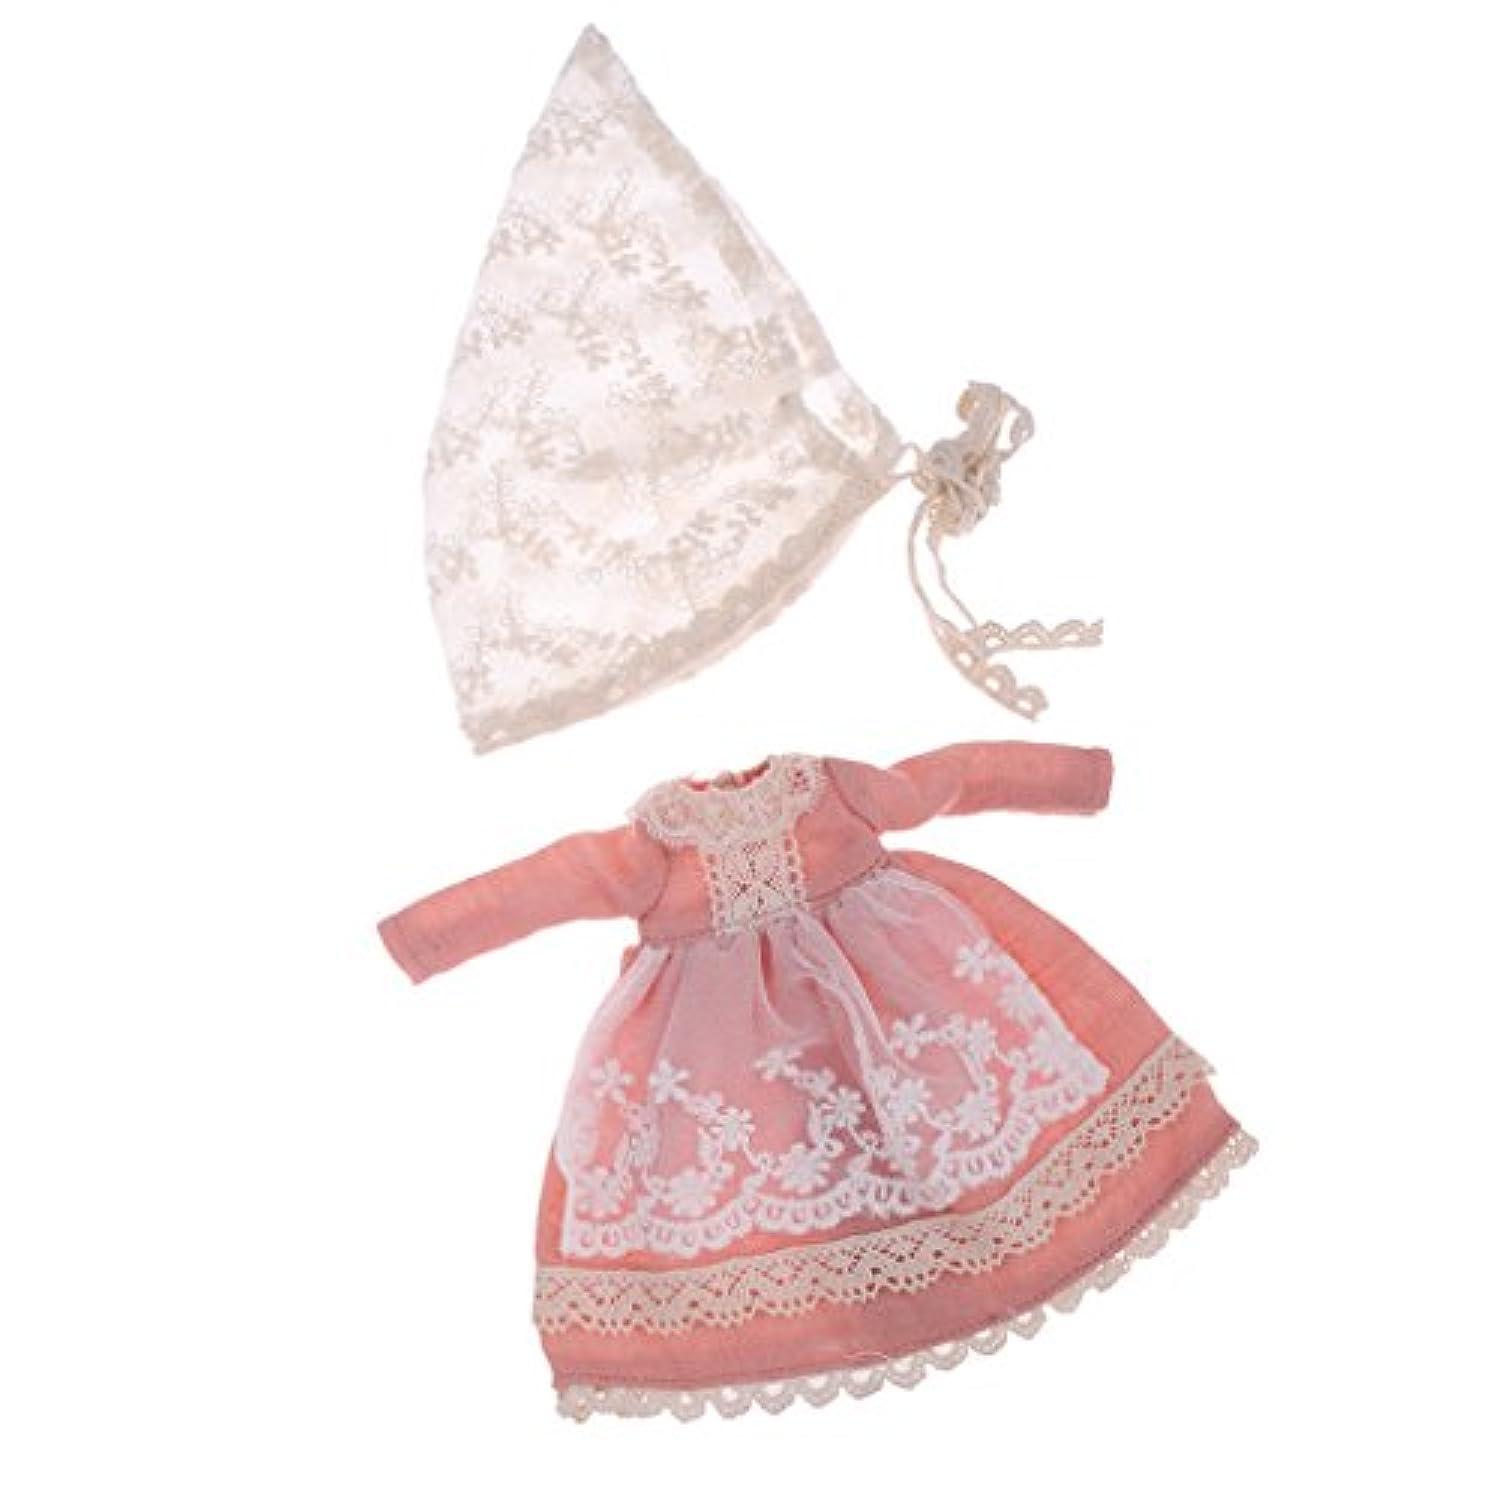 Blesiya 可愛い ワンピース スカート ドレス 1/6スケールブライスアゾンリッカドール用 ピンク